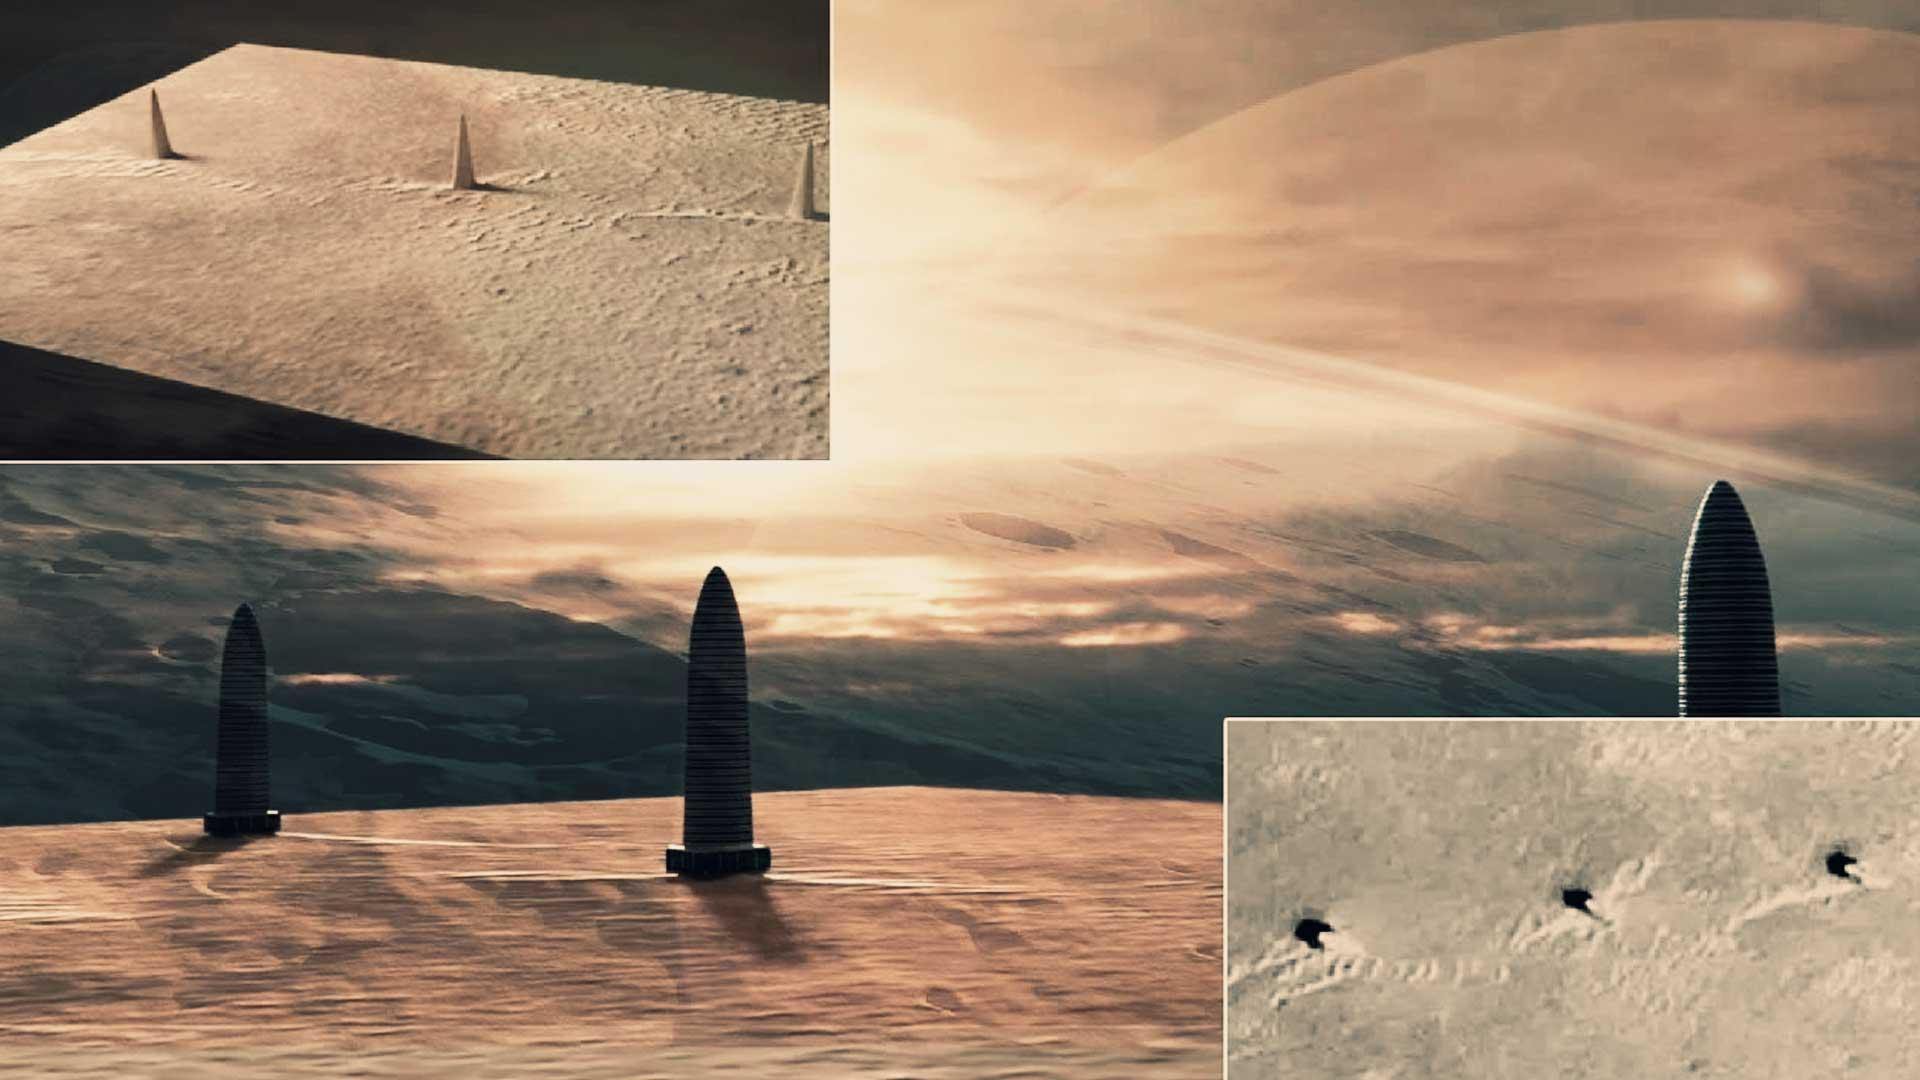 Extraño descubrimiento en Marte: hallan 3 enormes torres y parecen artificiales